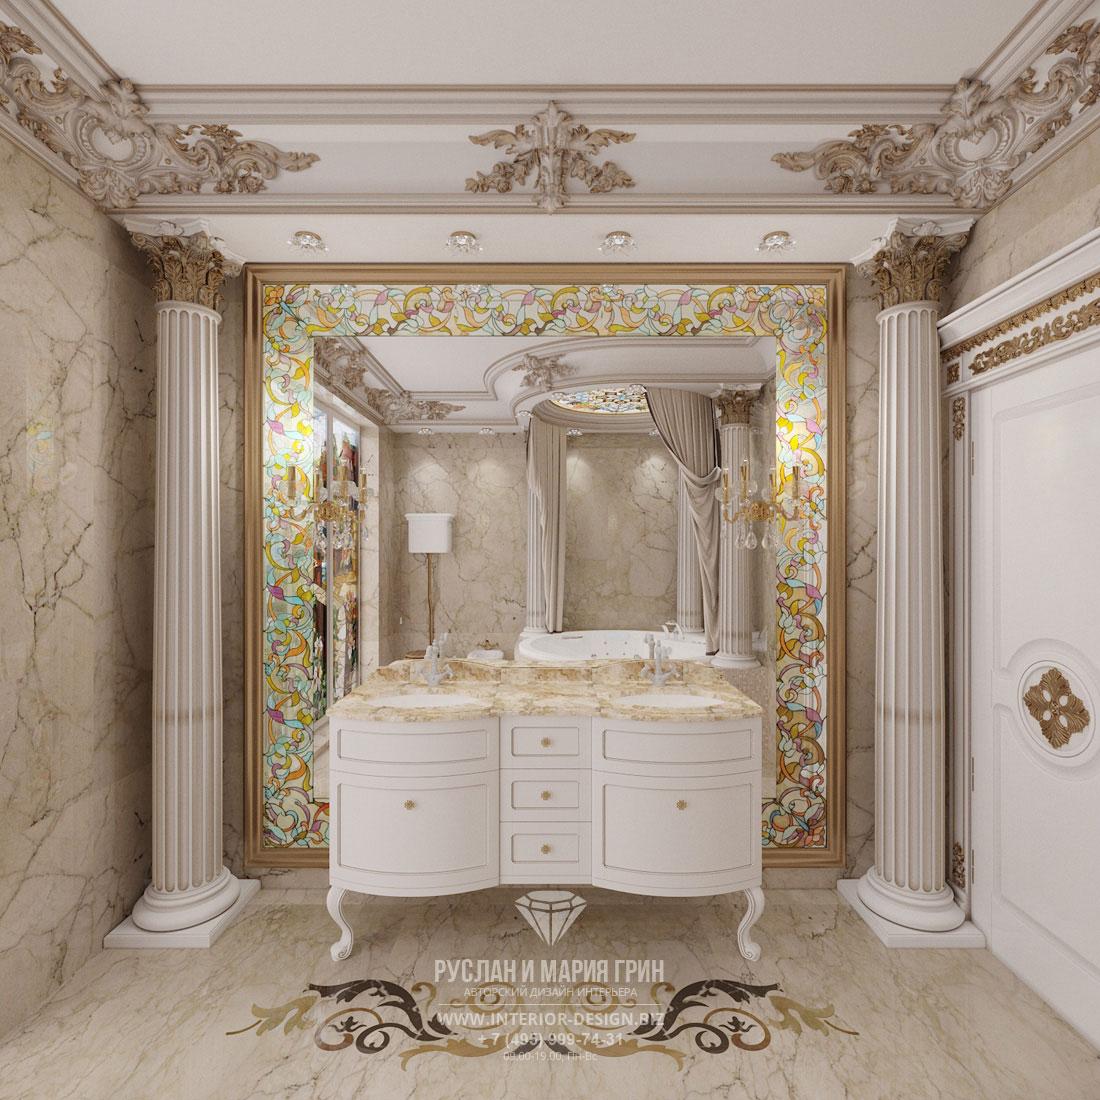 Дизайн интерьера ванной комнаты в доме в классическом стиле